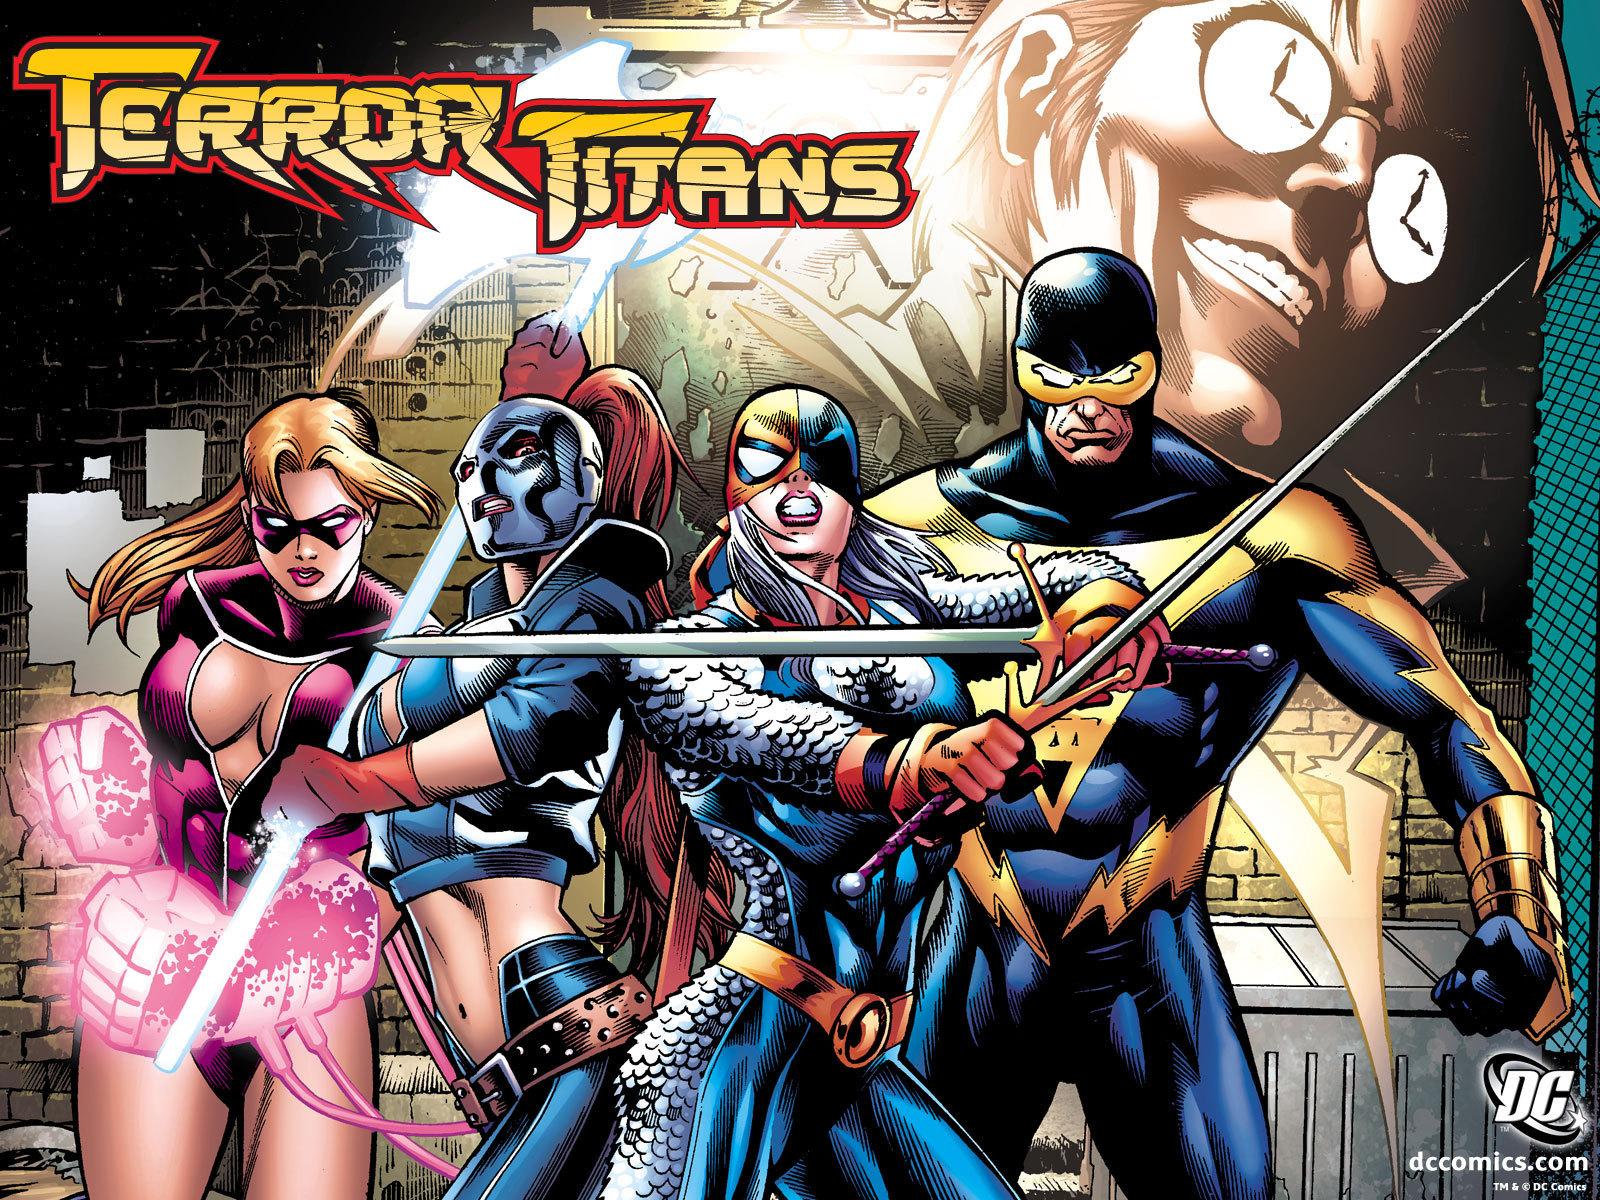 Terror Titans   DC Comics Wallpaper 4206786 1600x1200